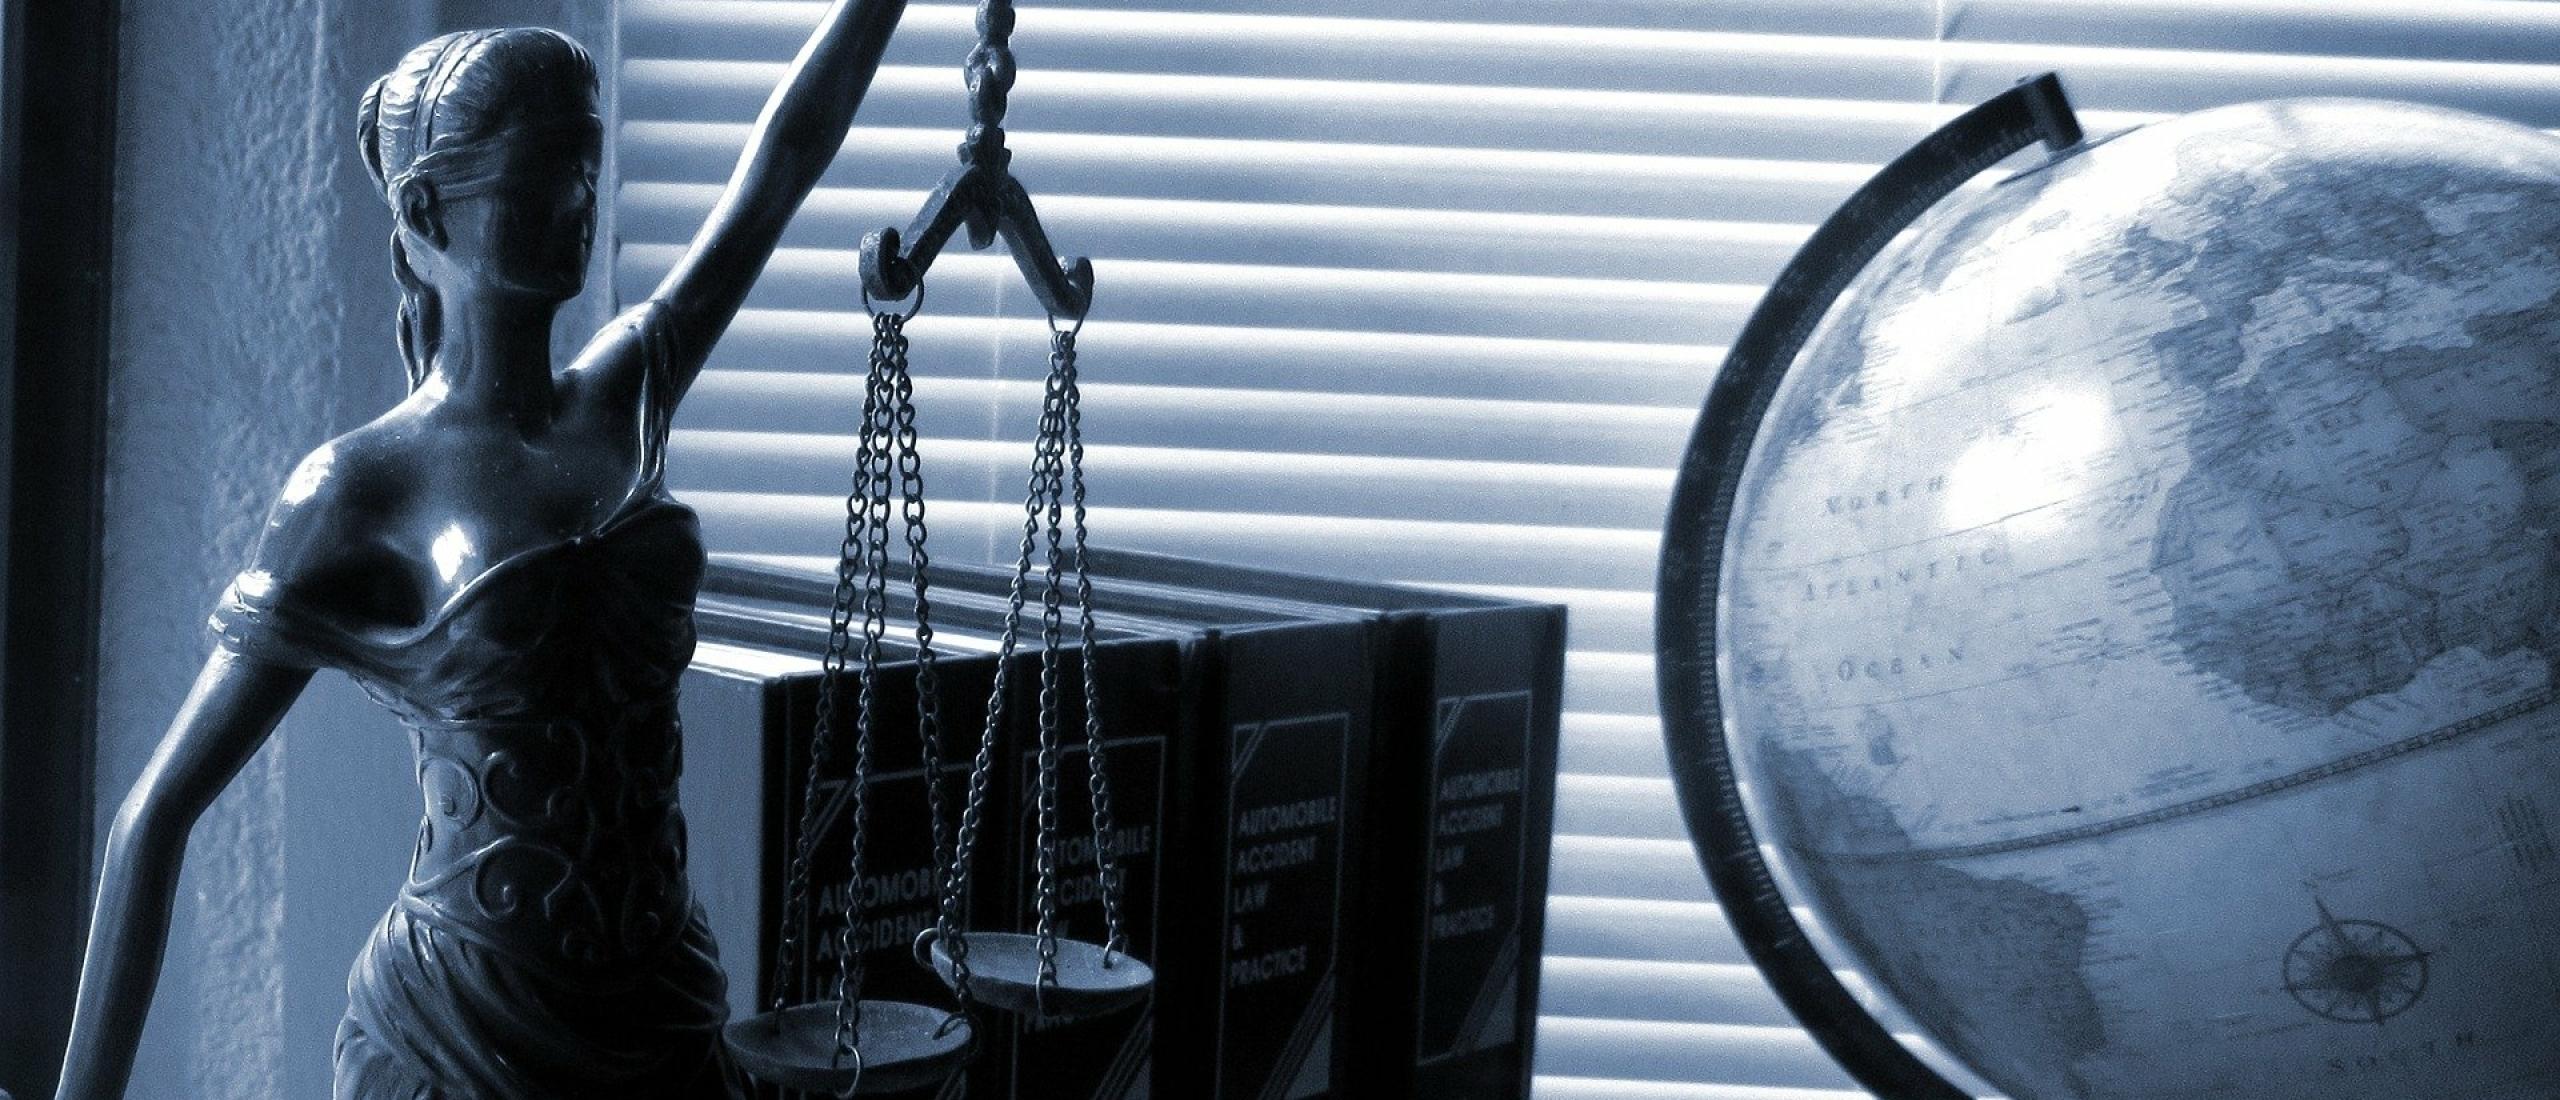 Rechtsbijstandverzekering? Dan dekken zij de kosten van een advocaat naar keuze